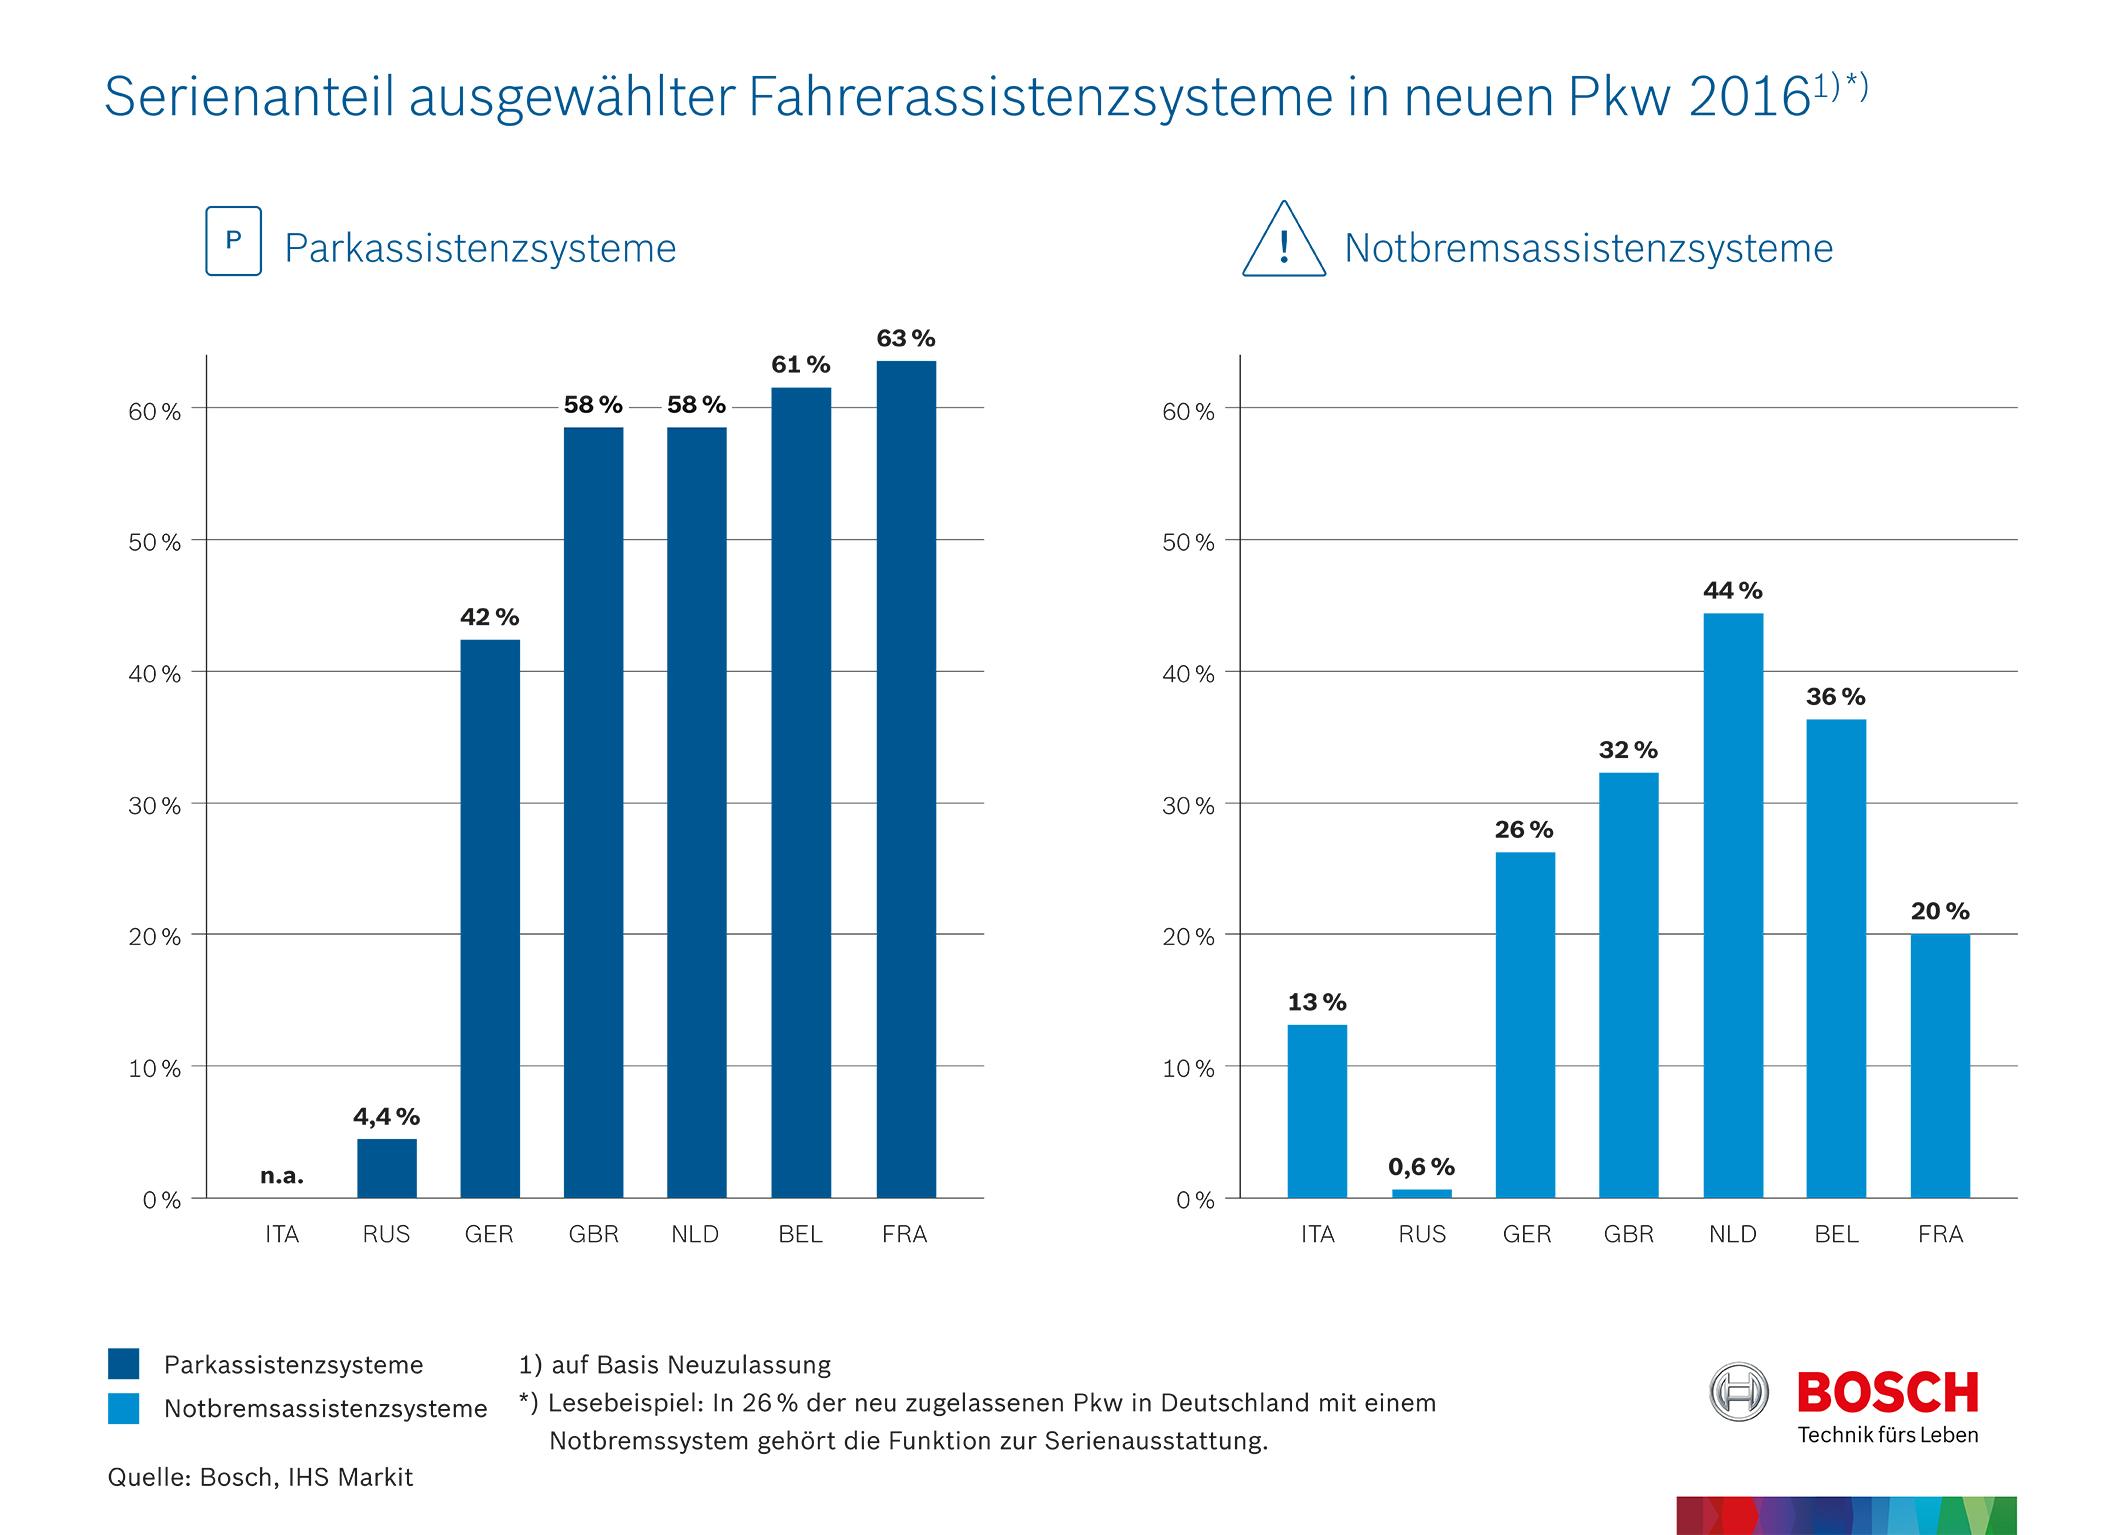 Serienanteil ausgewählter Fahrerassistenzsysteme in neuen Pkw 2016